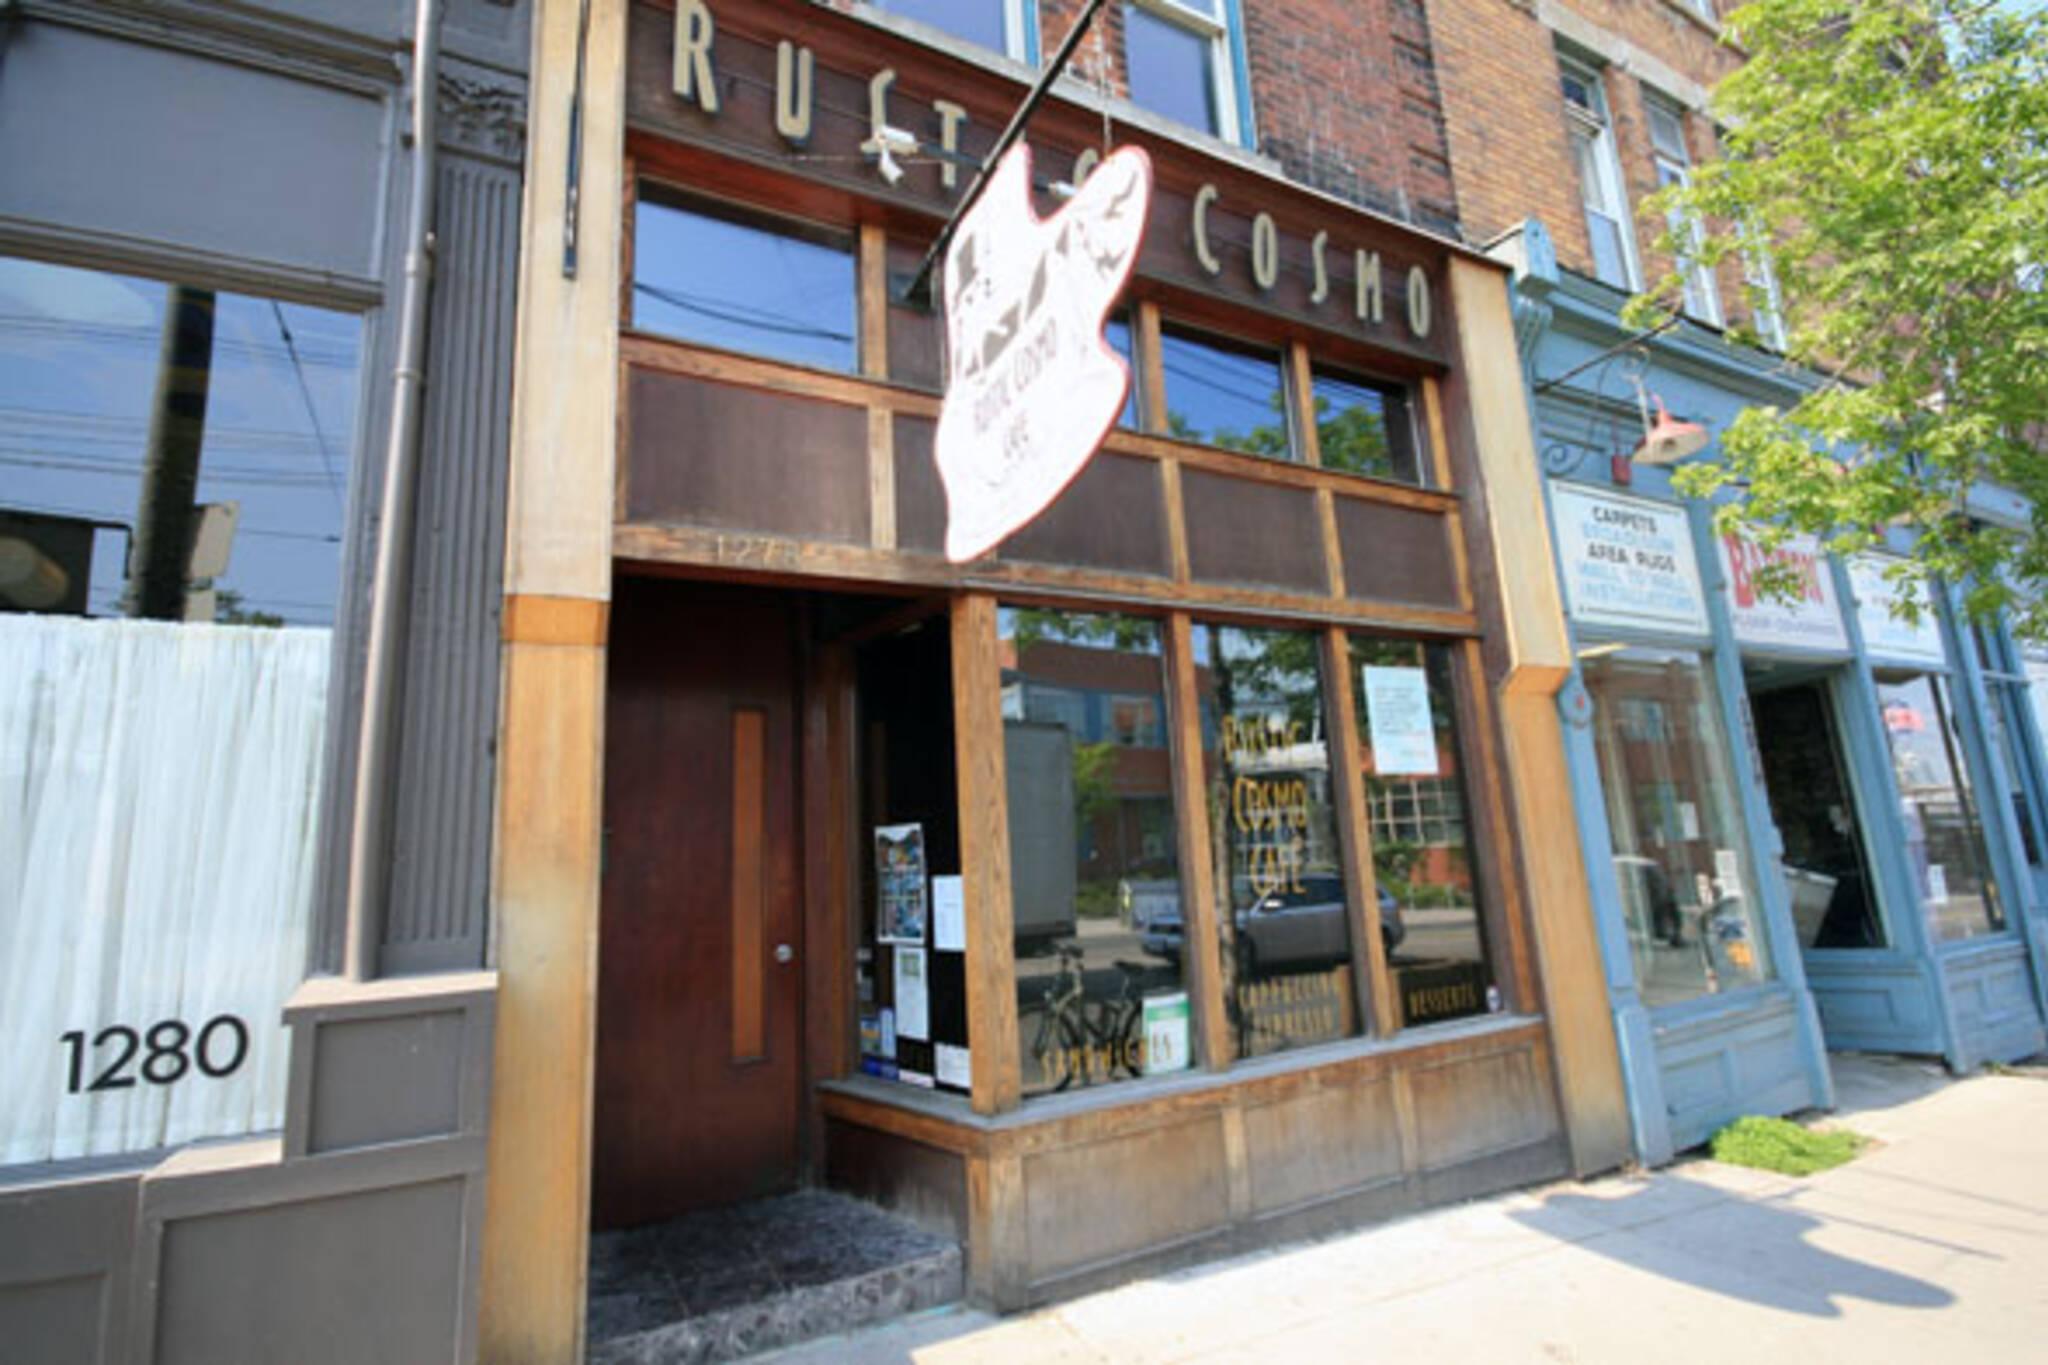 20070524_rusticcosmocafe.jpg